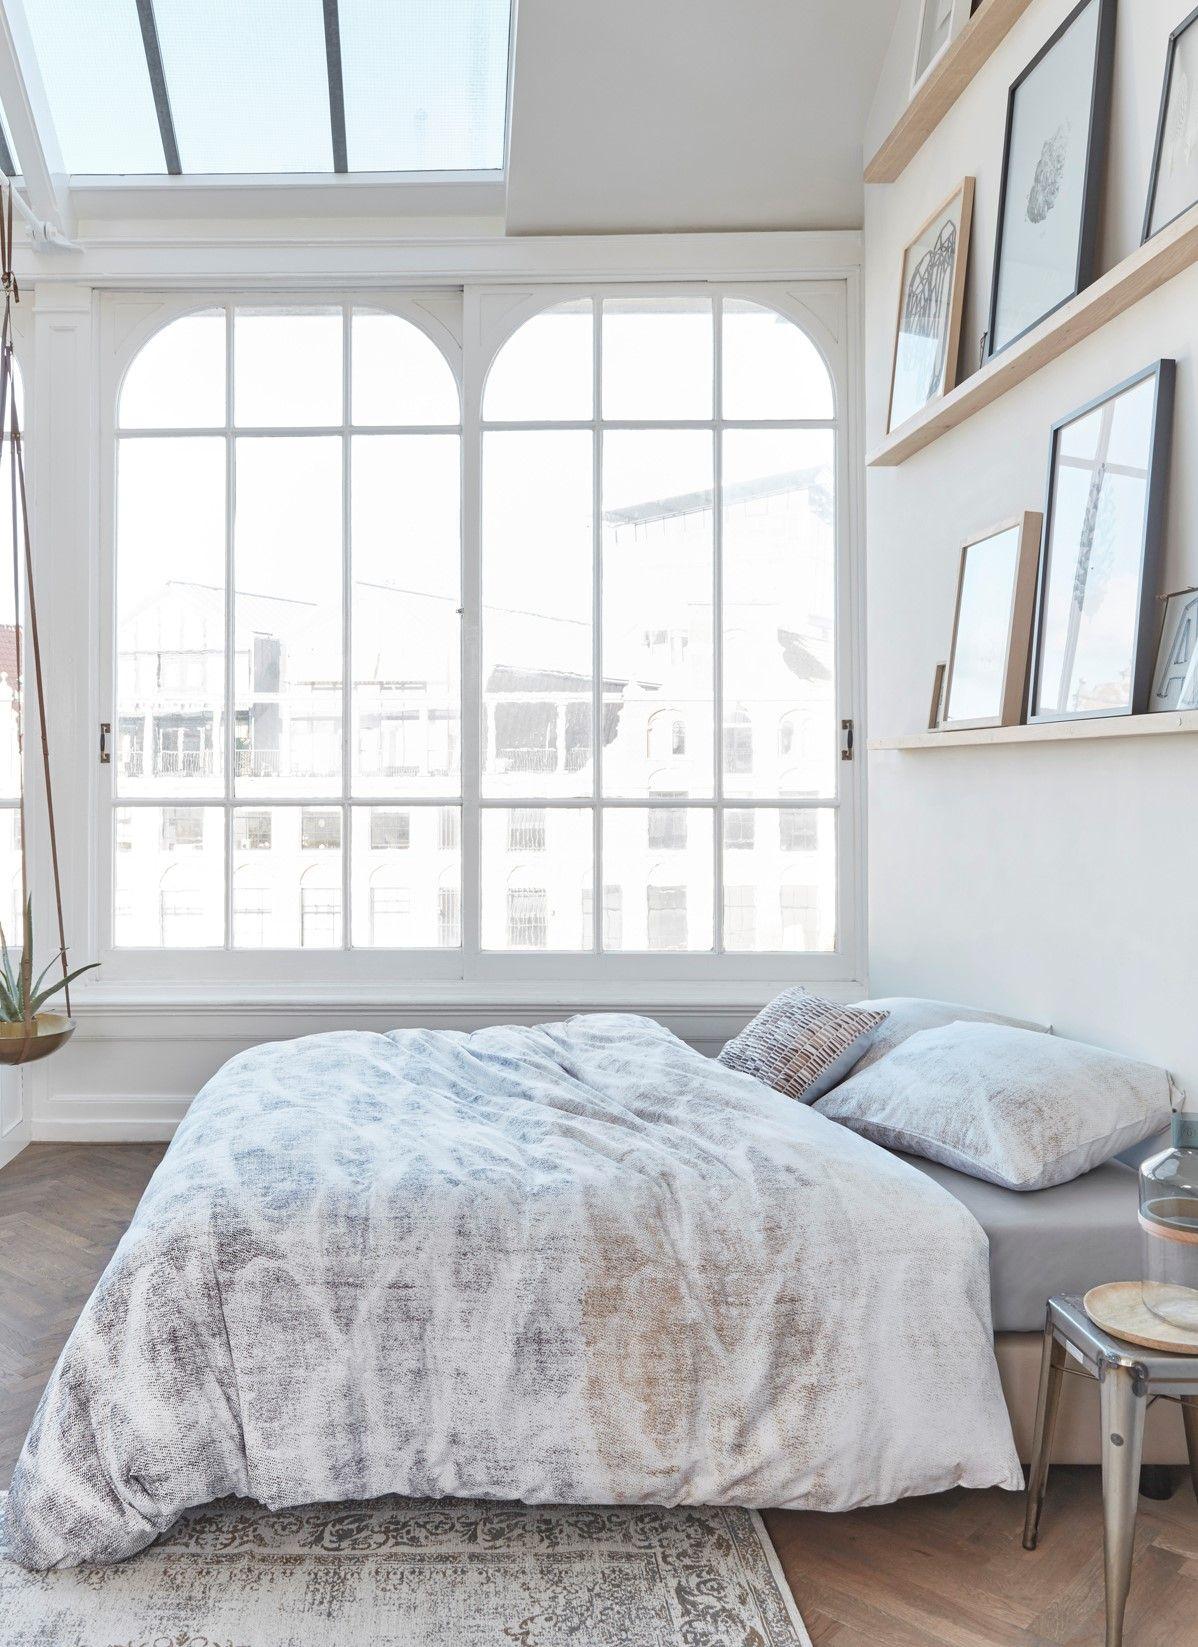 Extra Weiches Graumeliertes Bettwasche Set Aus Baumwolle Fur Ein